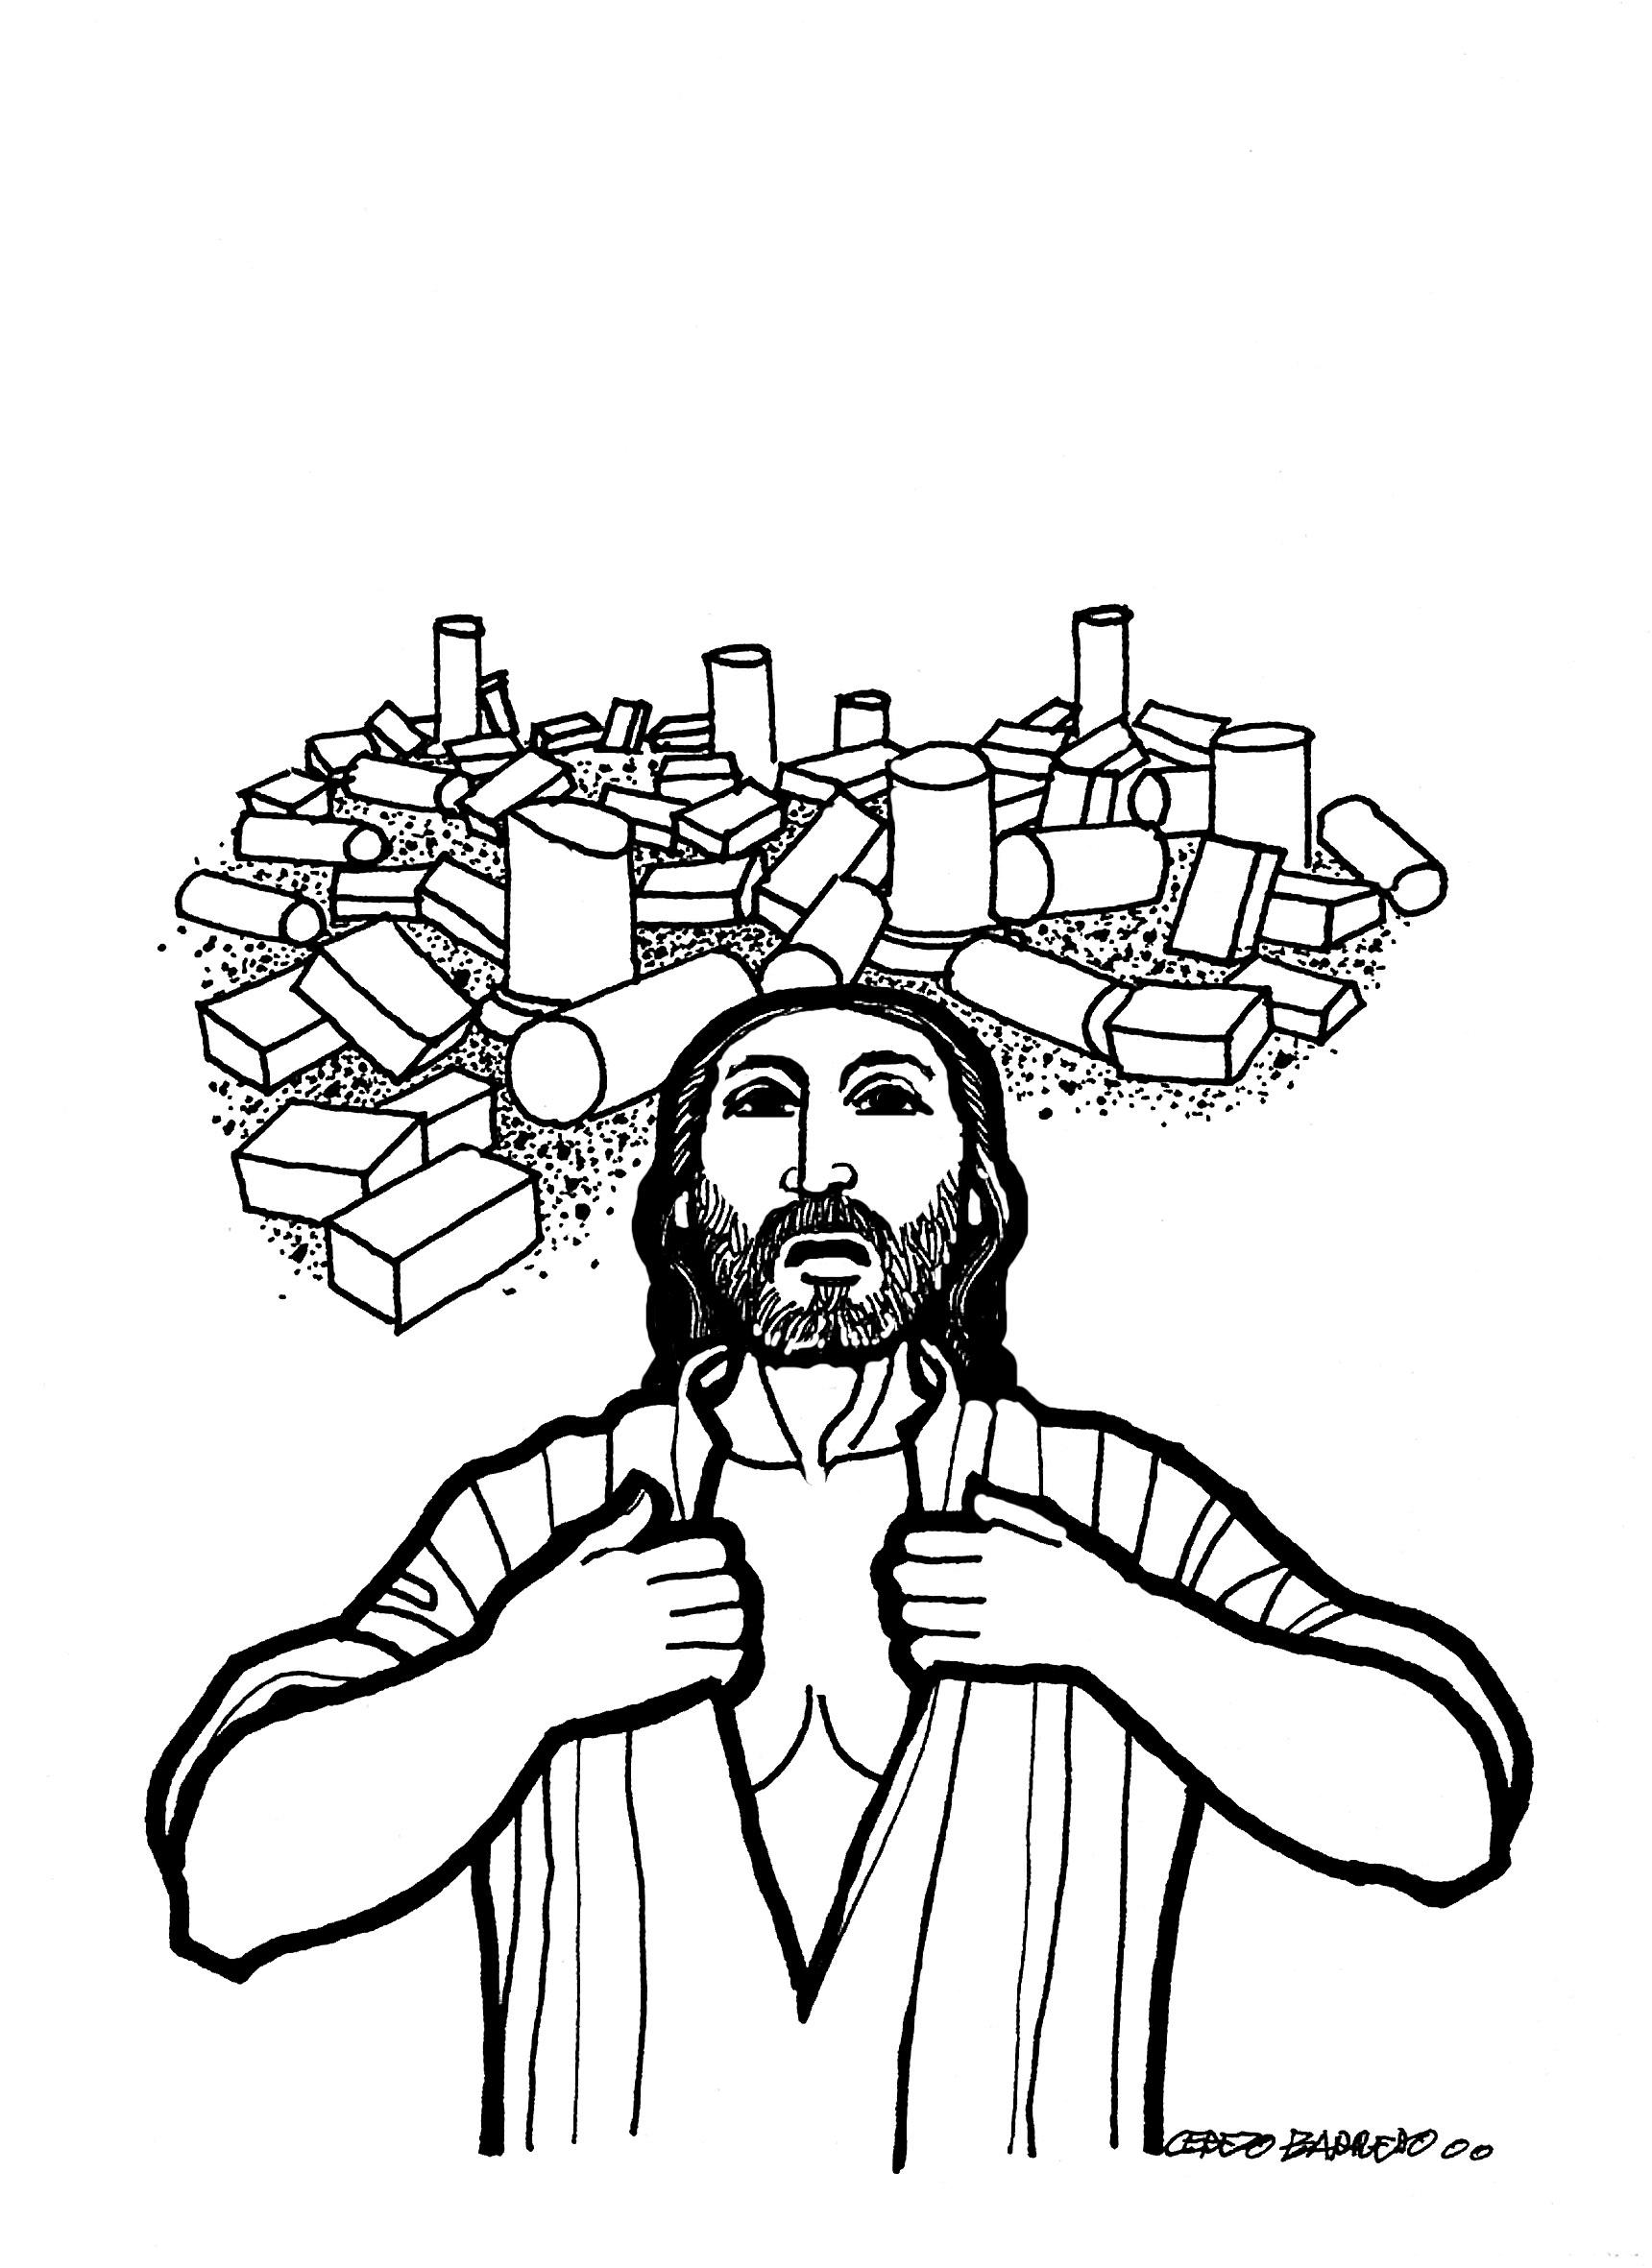 Evangelio del día - Lecturas del domingo, 14 de noviembre de 2010